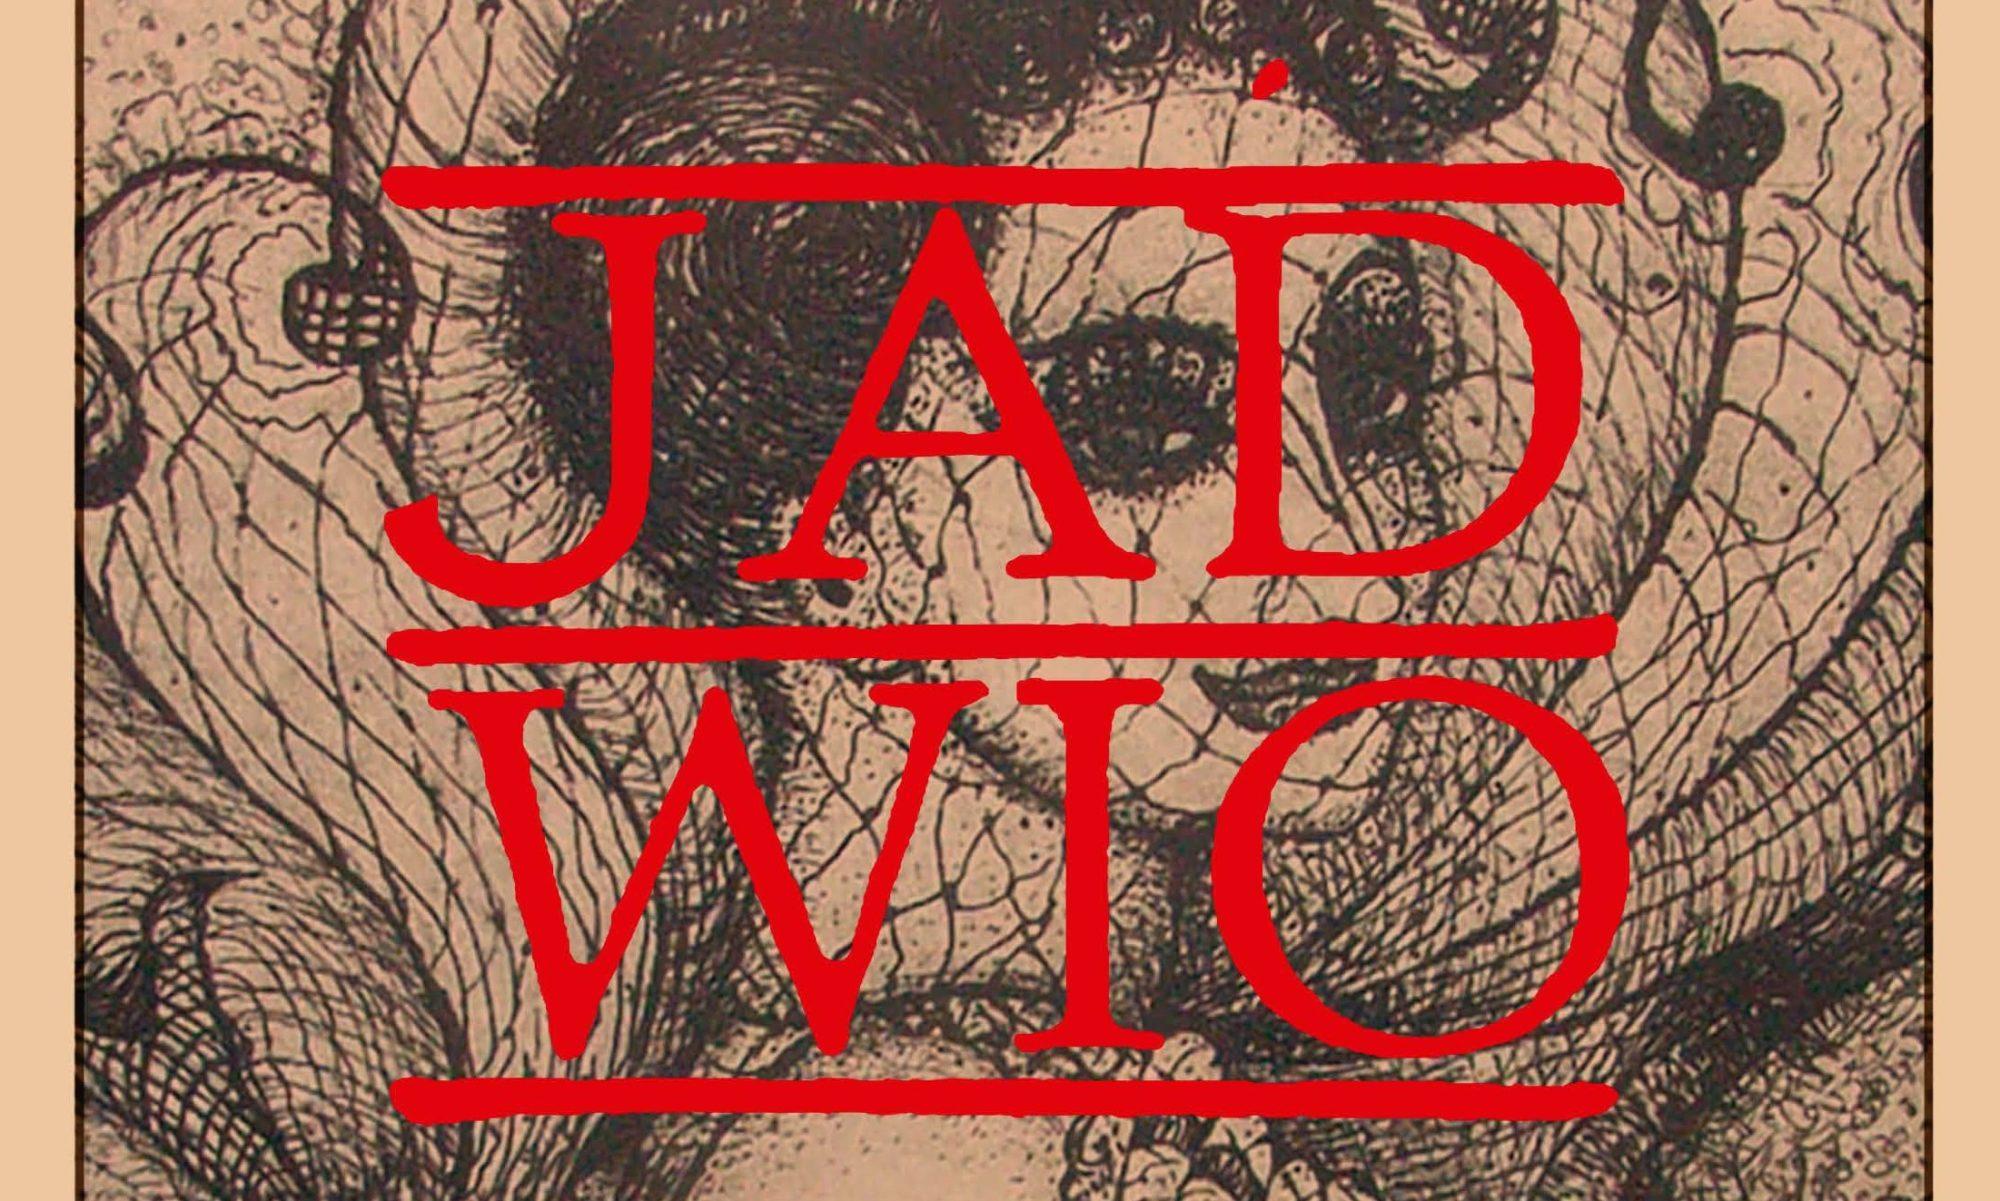 Jad Wio